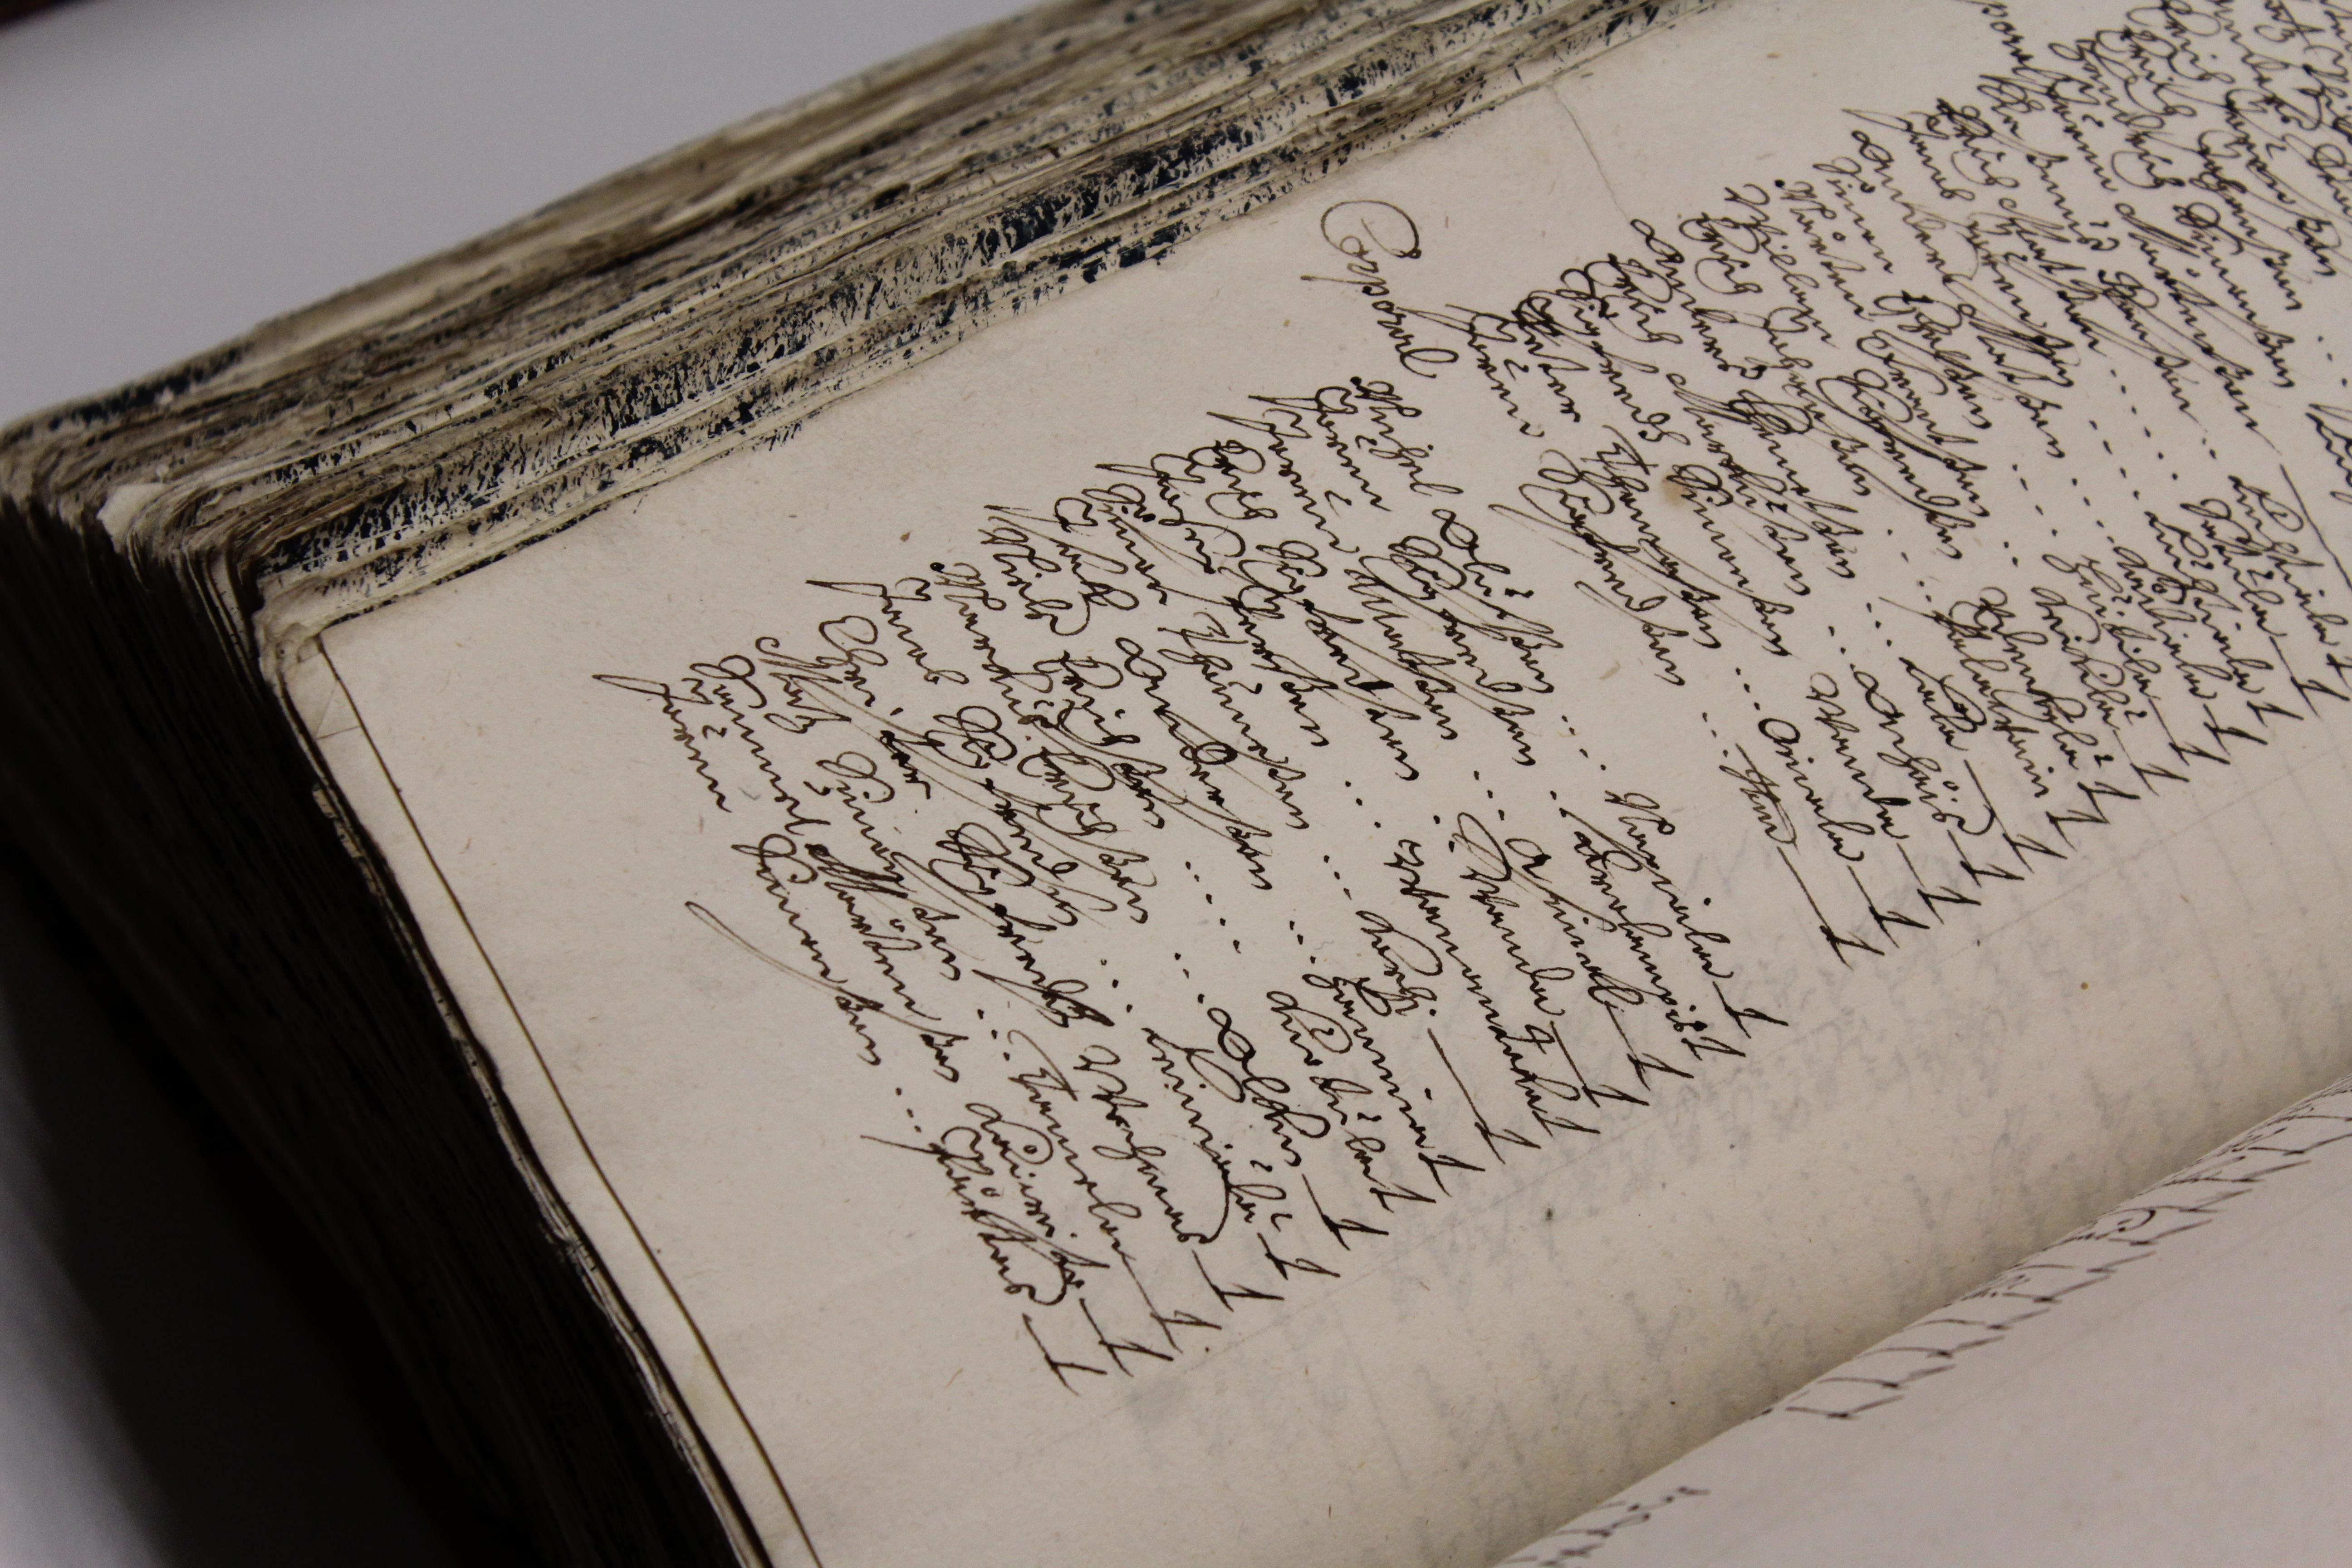 Leheküld vanast raamatust, kus ilusa kalligraafilise käekirjaga ja tindiga kirjutatud tekst. Elery Tenson 2